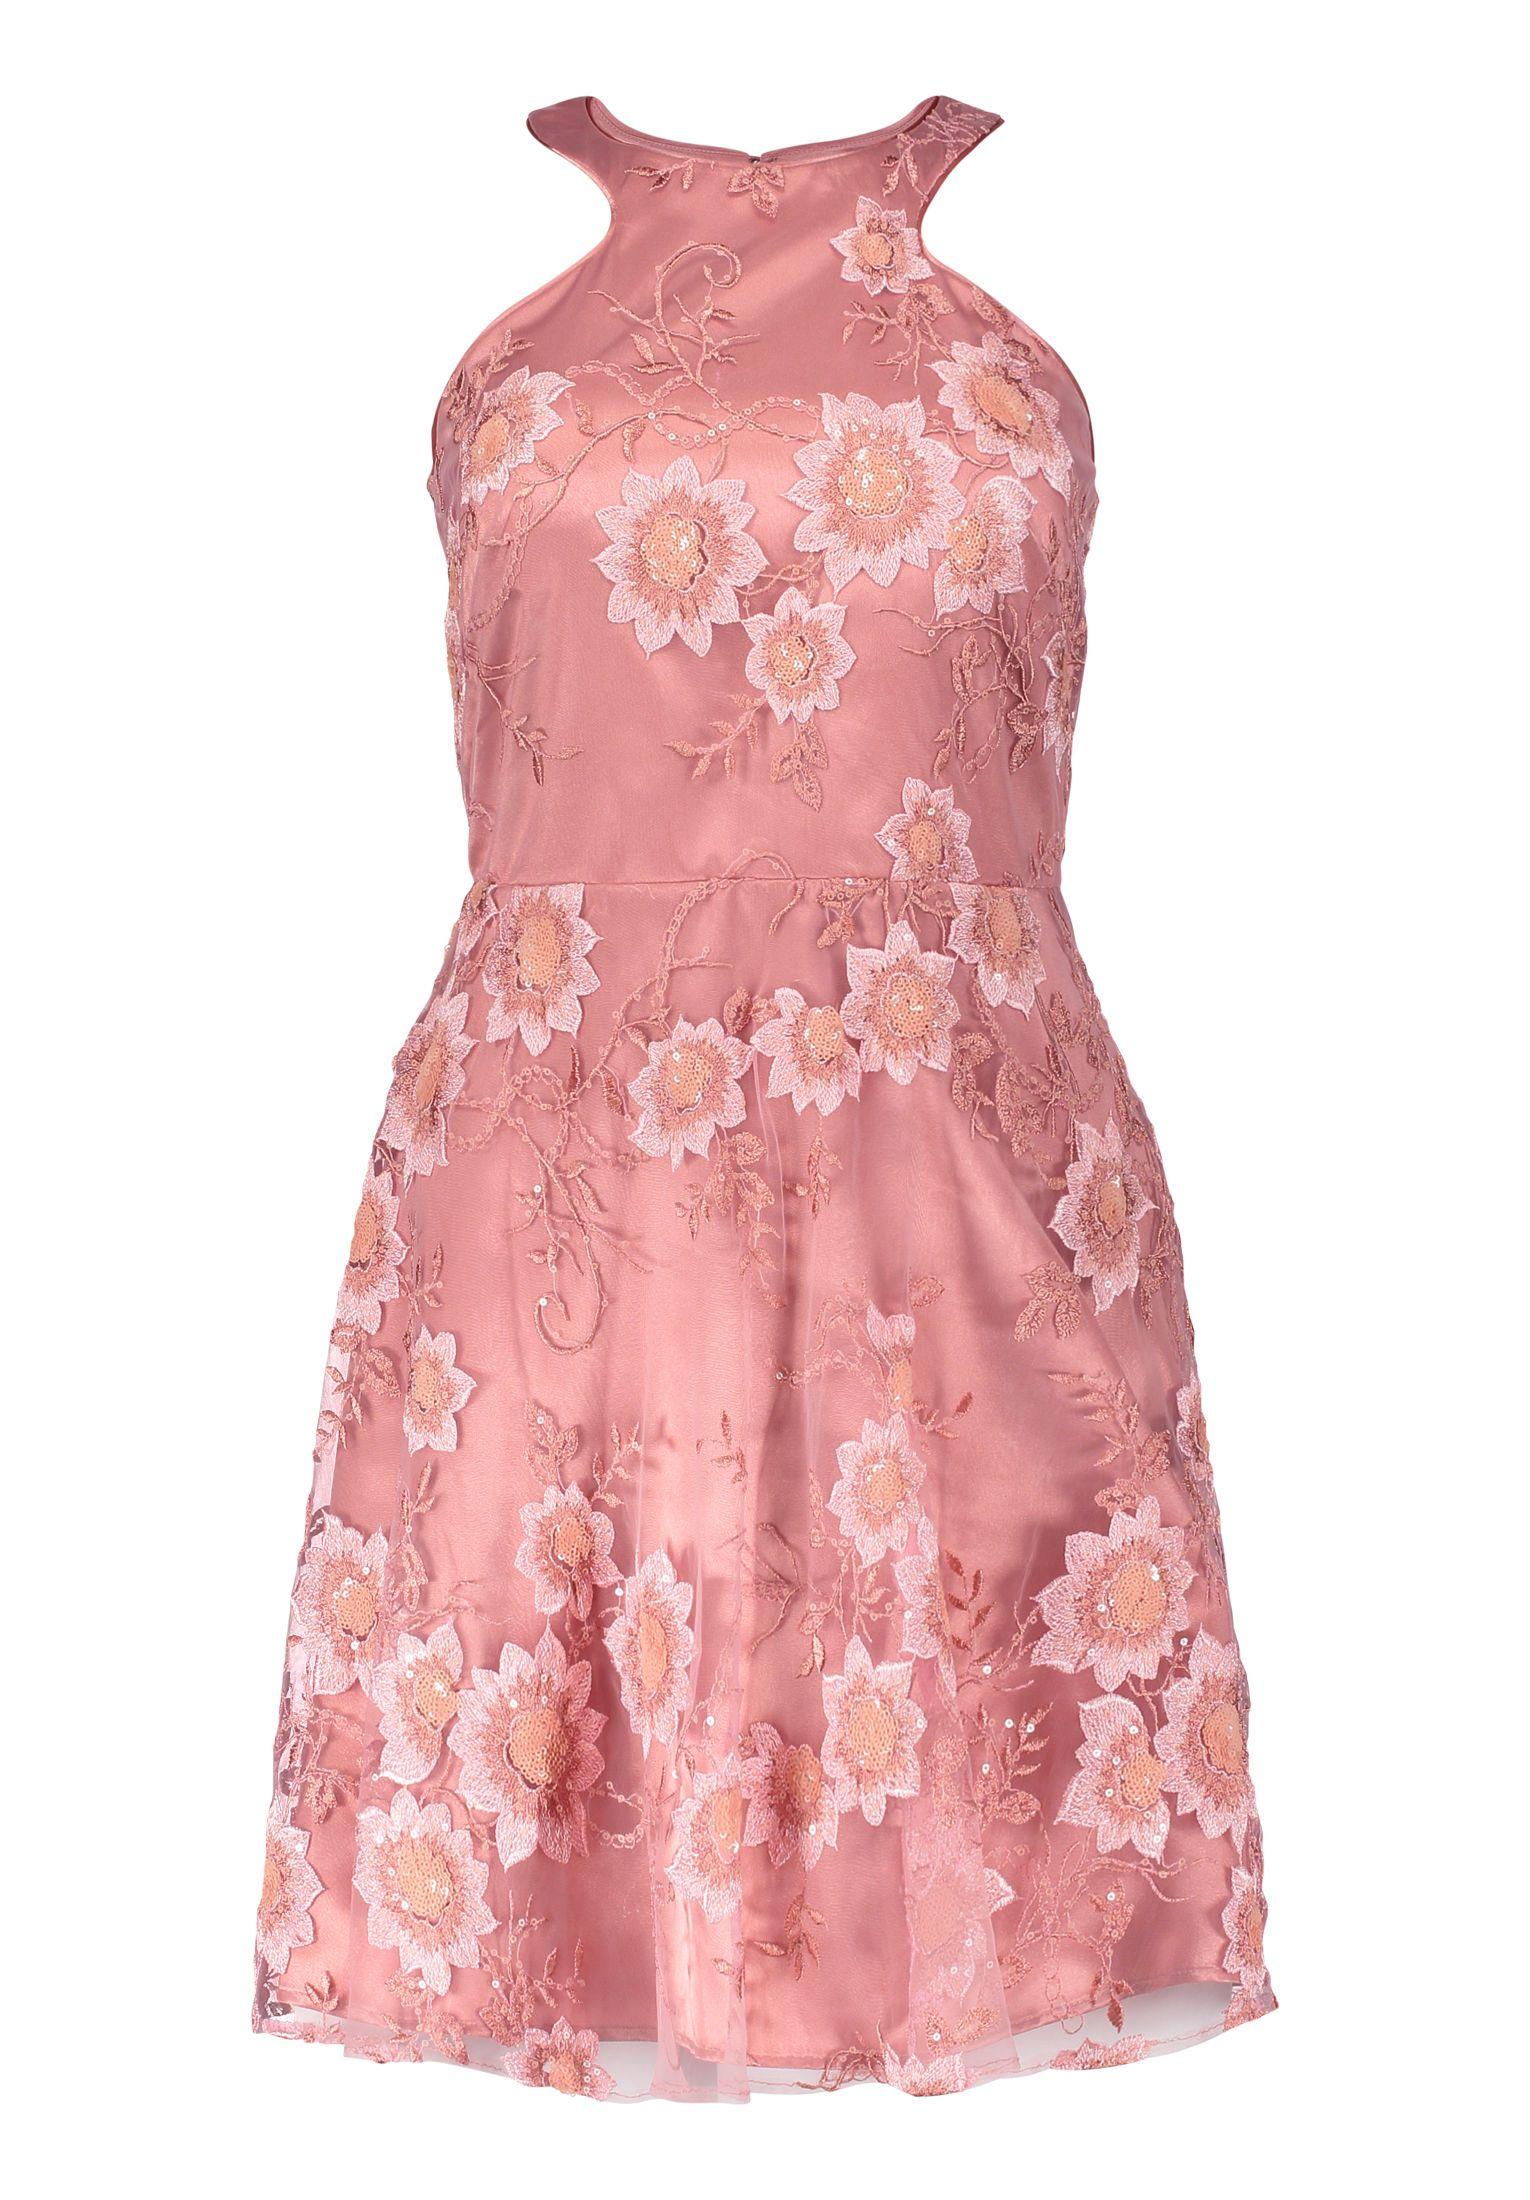 Kleid Mit Blutenstickerei Altrosa Vera Mont Mode Bosckens